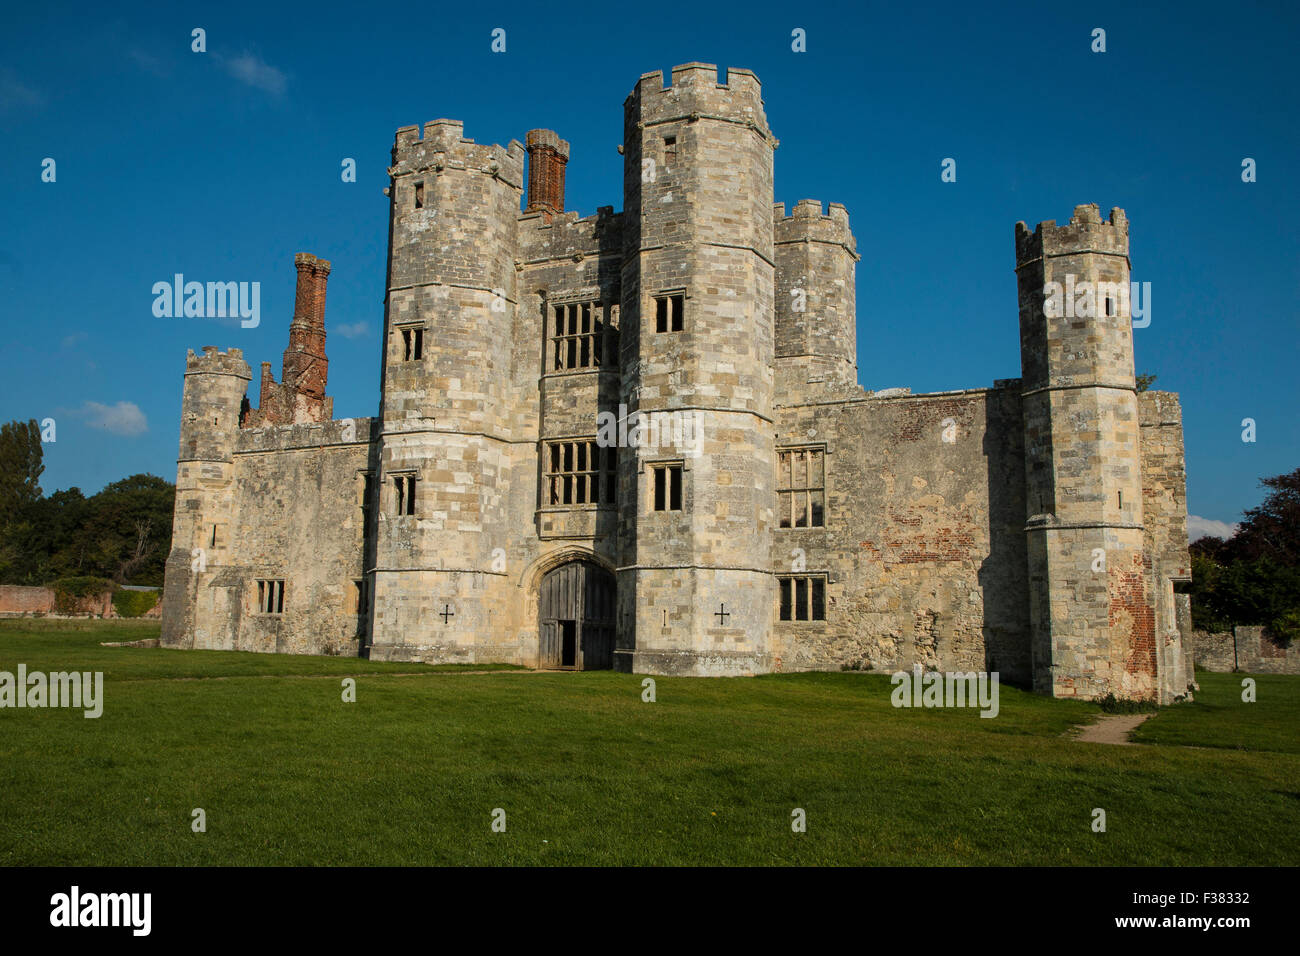 Titchfield Abbey, Titchfield, Hampshire, UK - Stock Image